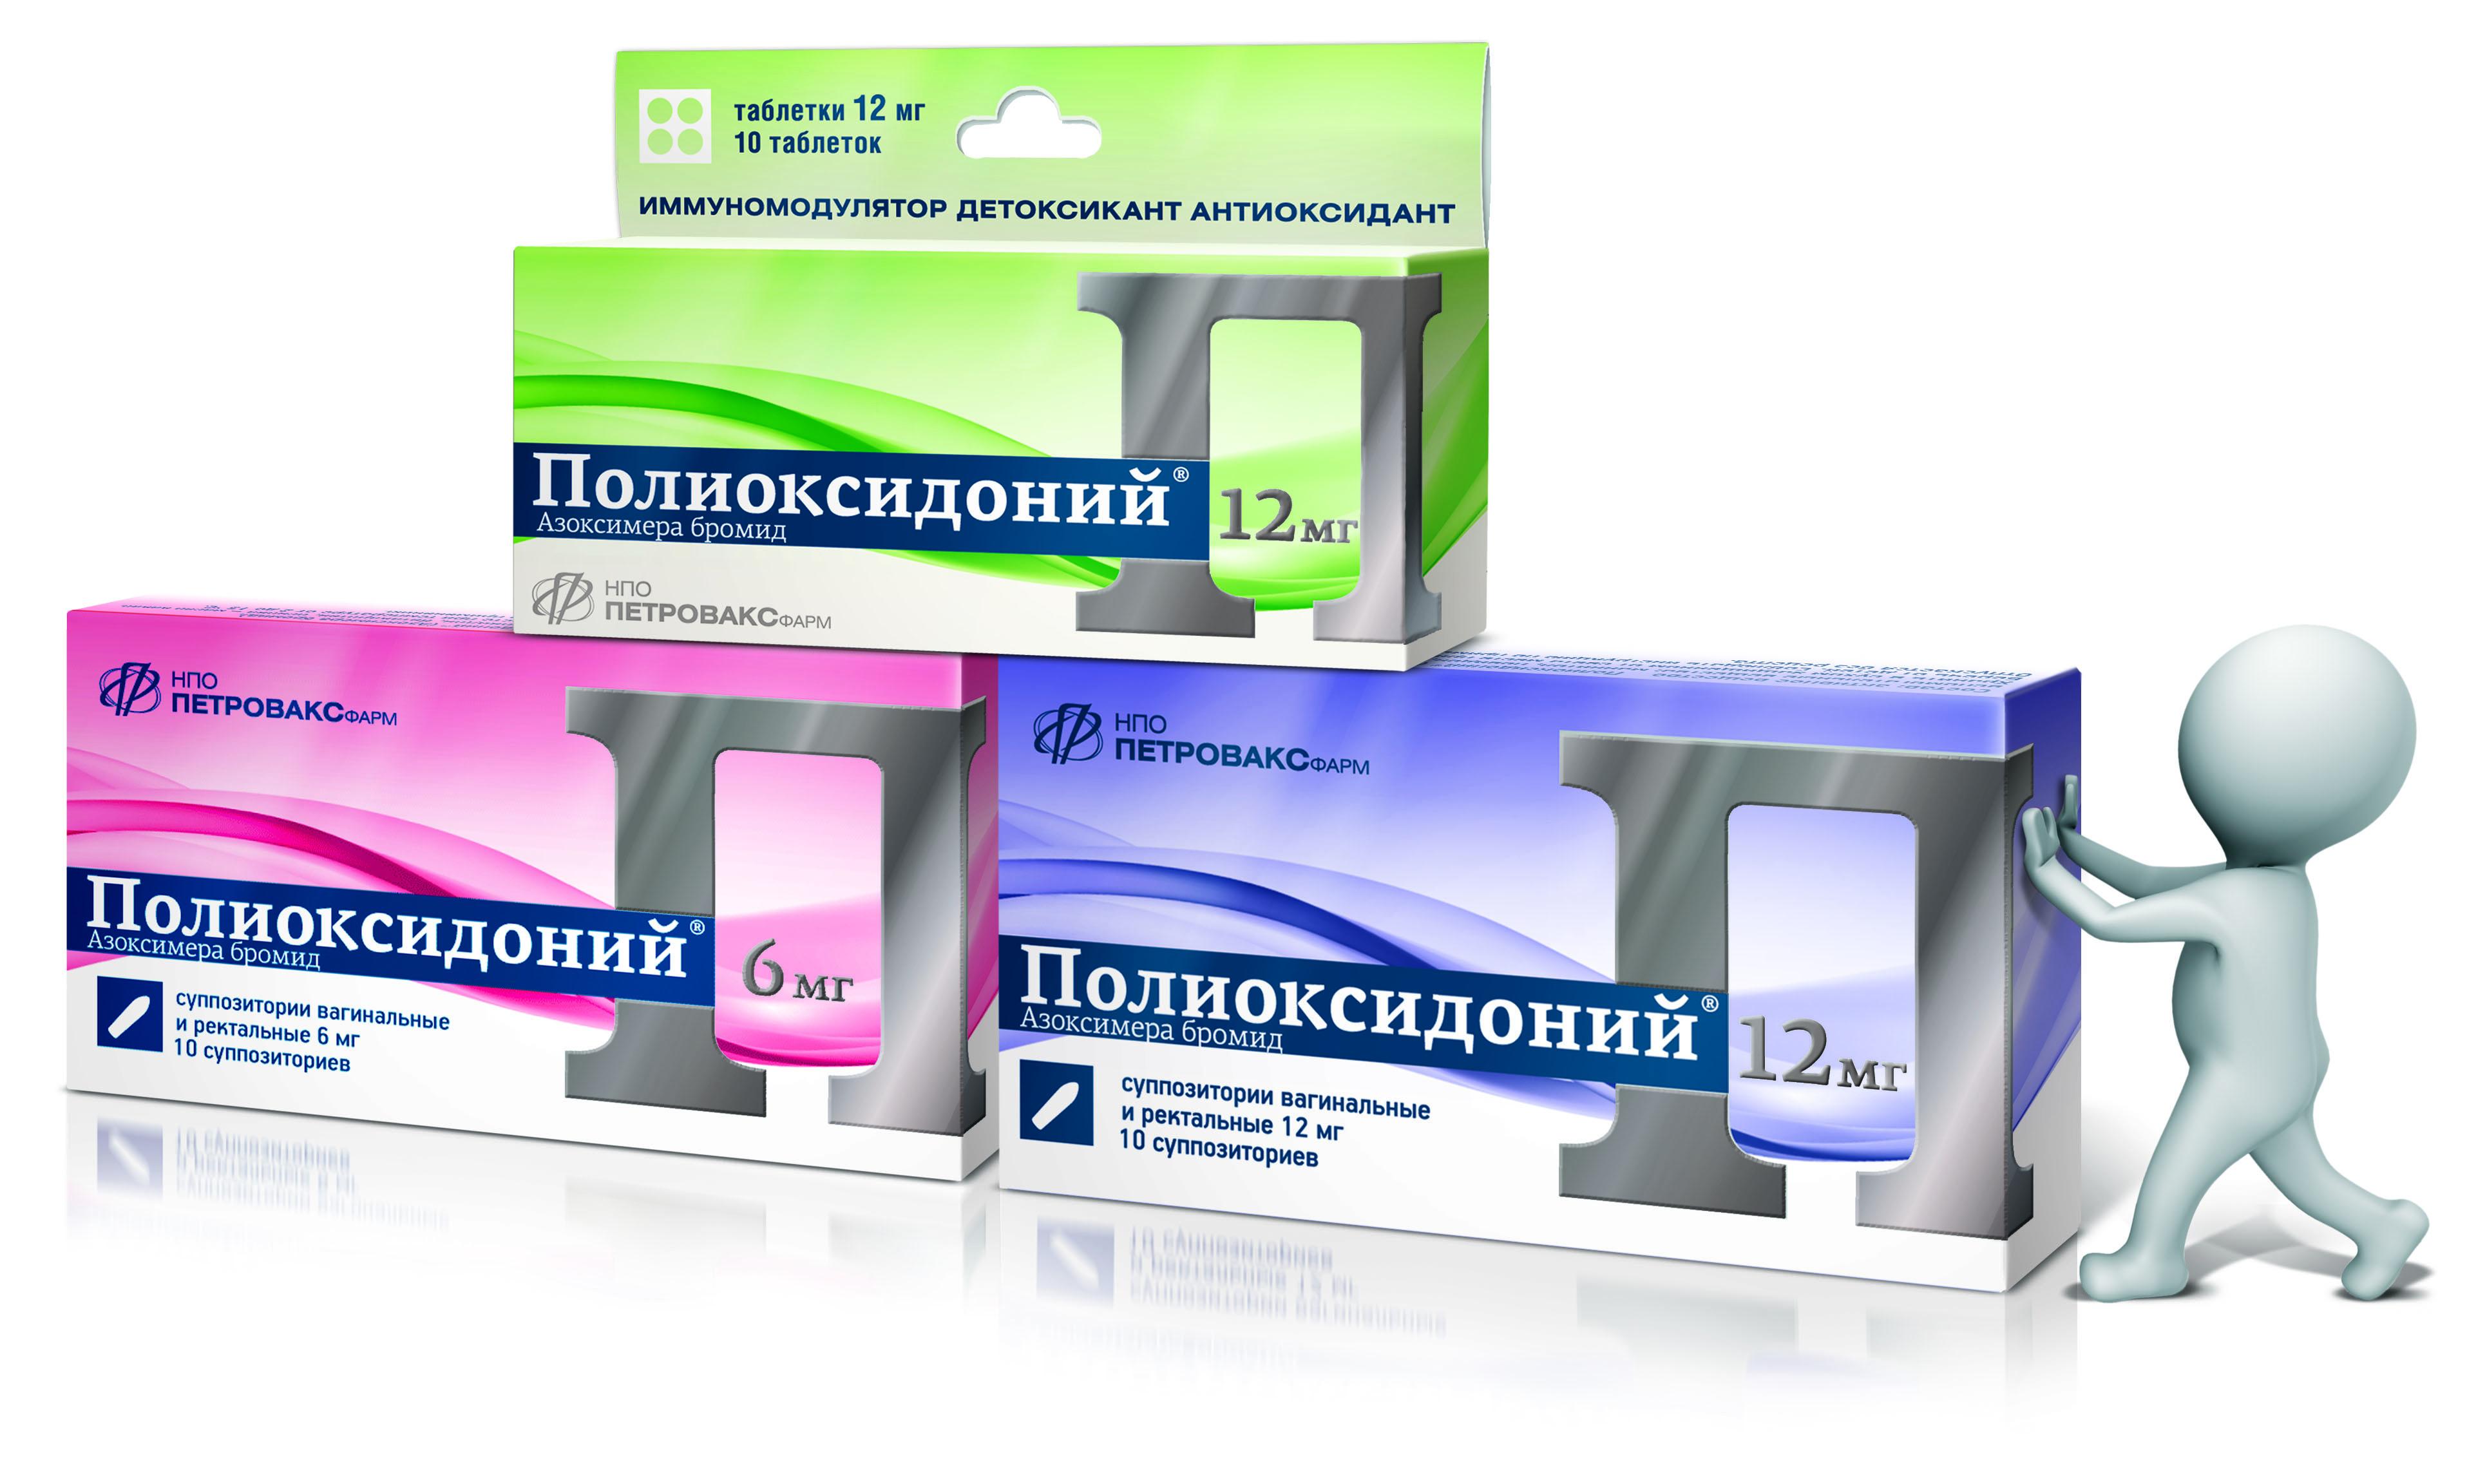 Полиоксидоний для детей ?: инструкция по применению свечей, капель, таблеток и уколов для иммунитета